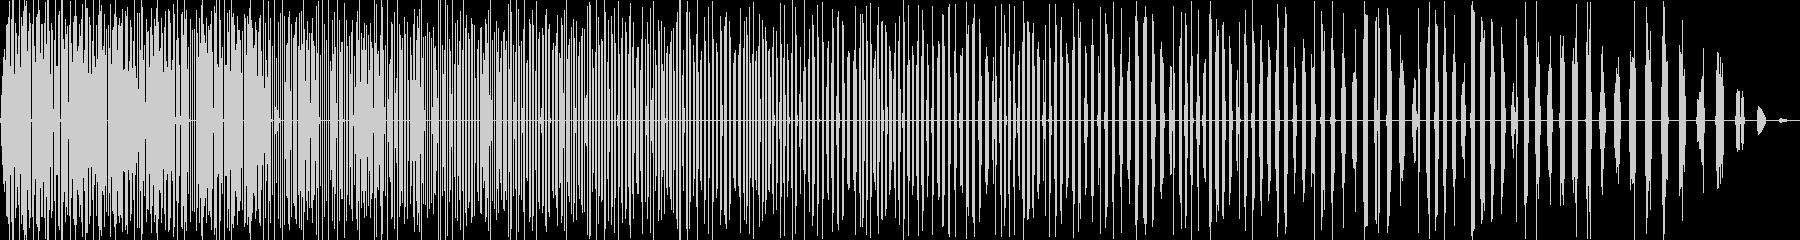 フラタリング解消5の未再生の波形